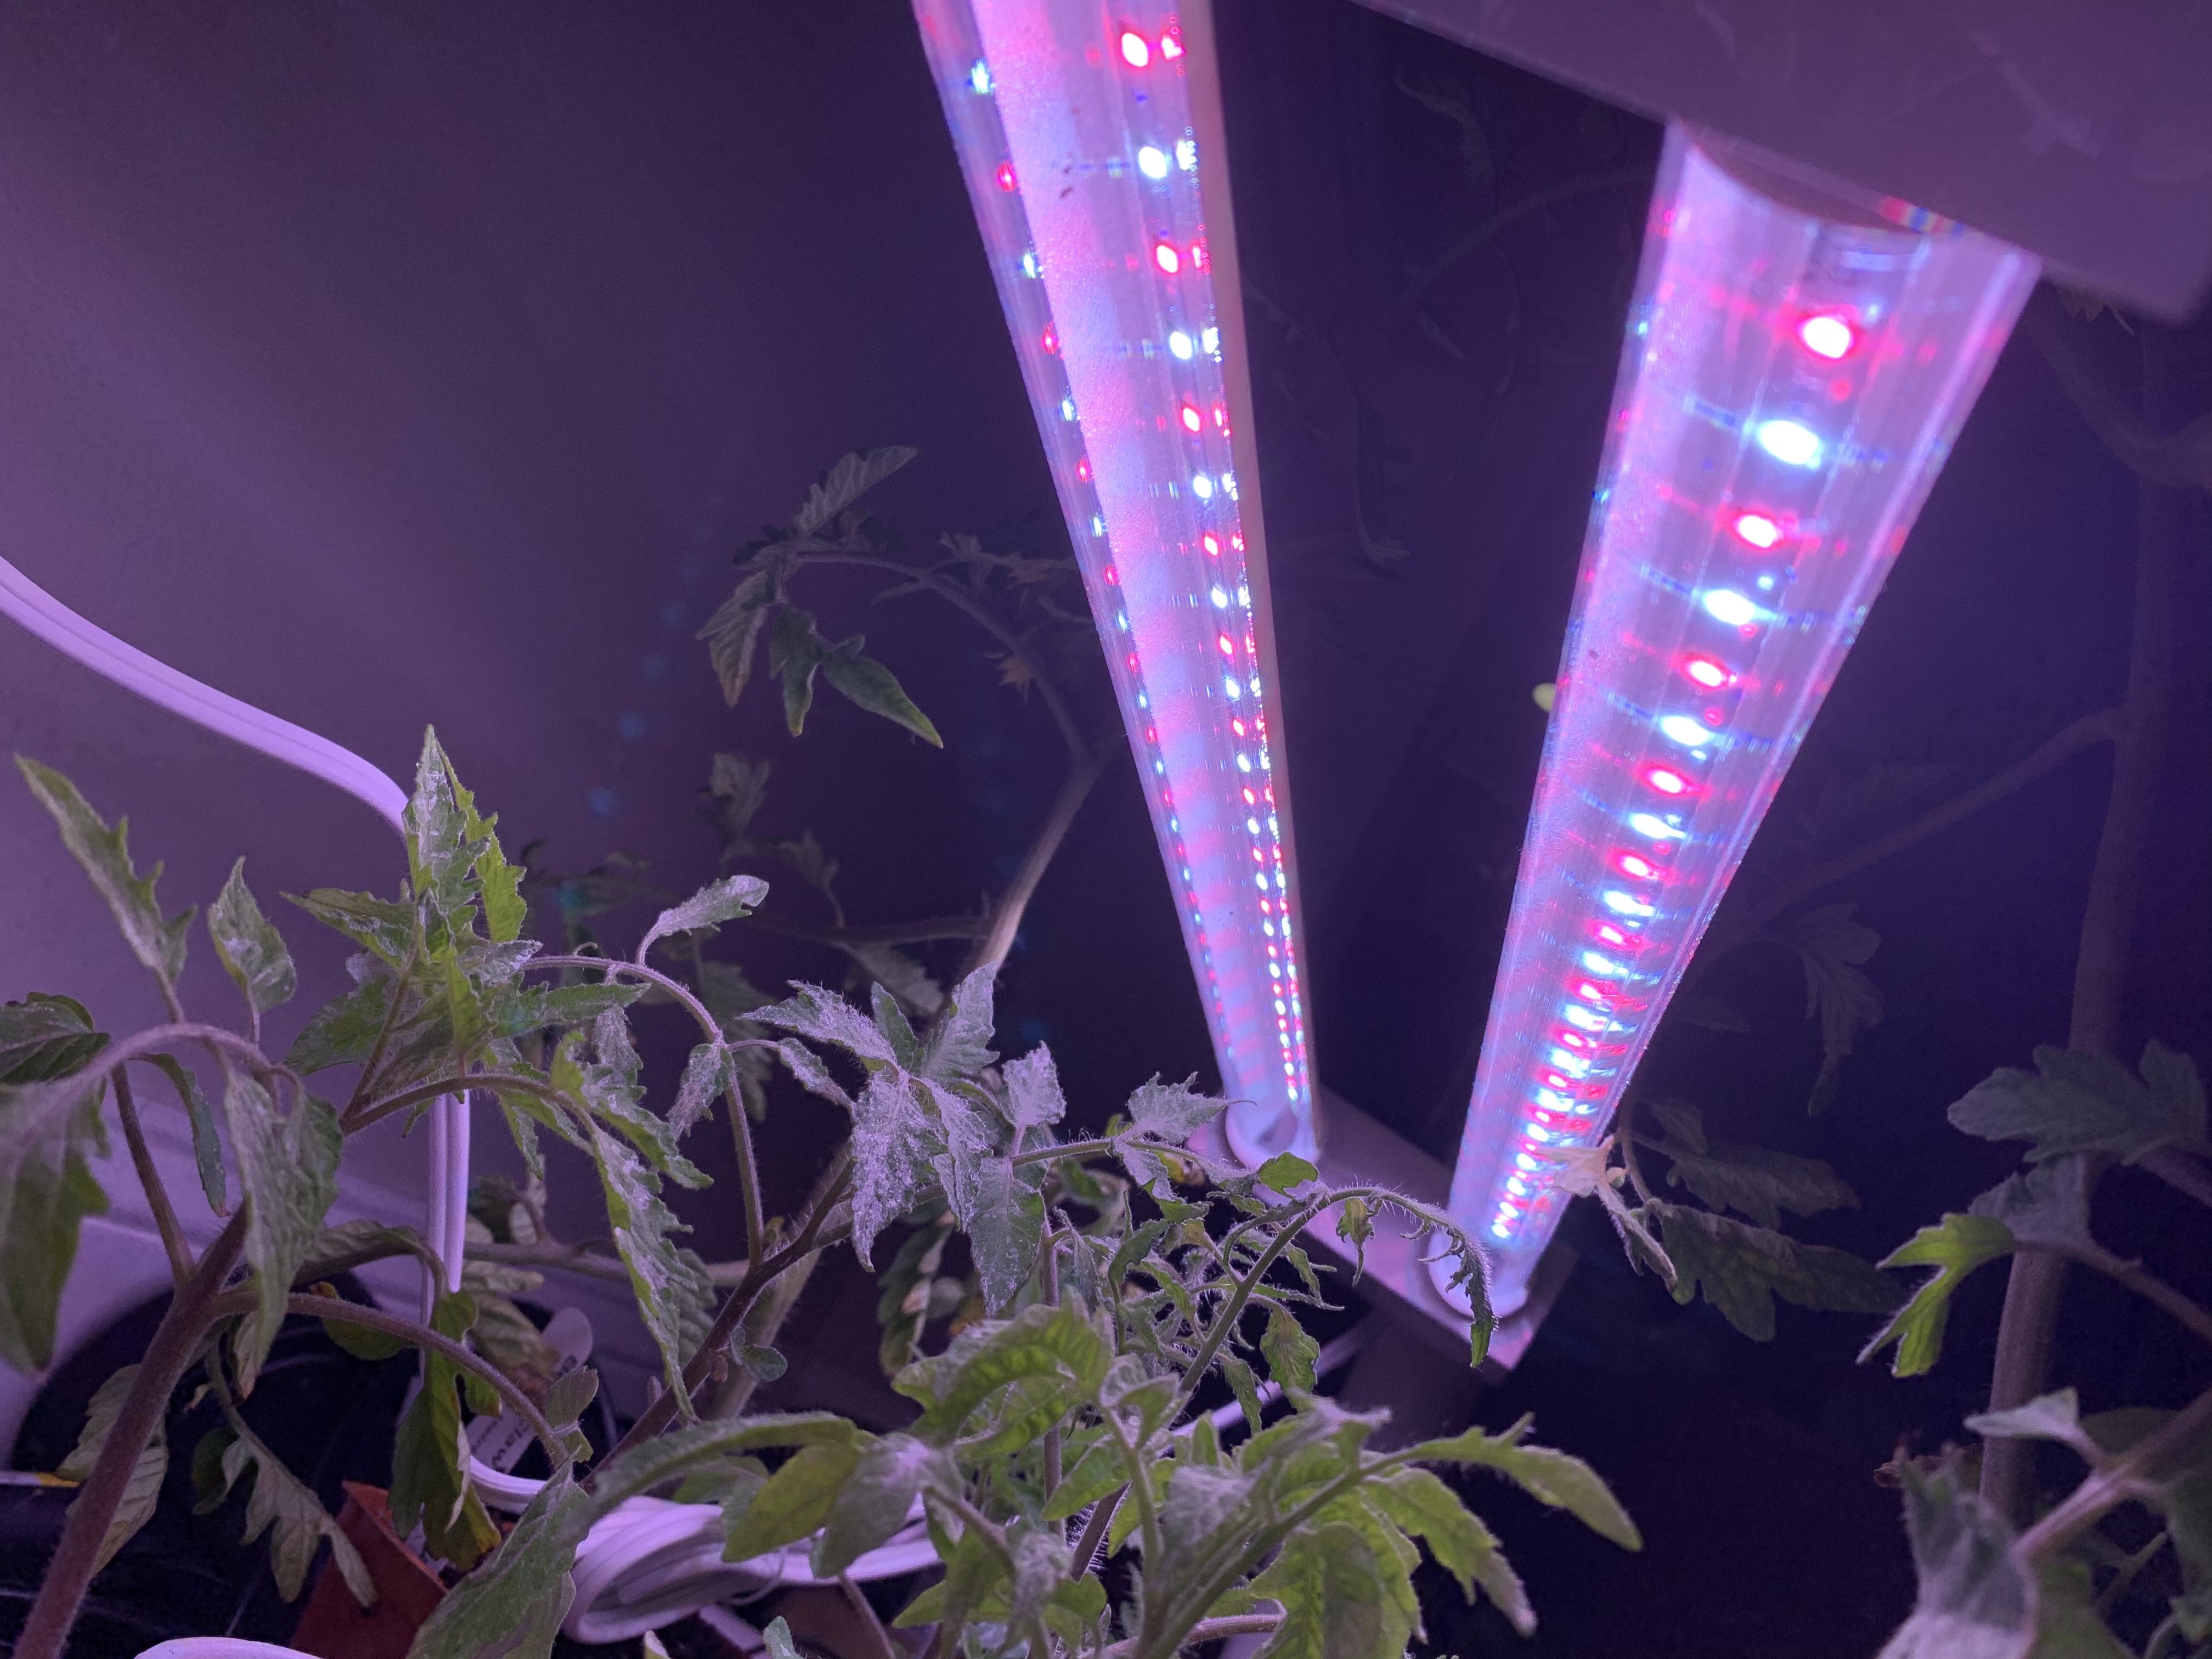 3DAB4AEE ACD7 47B1 923C 95C1BB20FC7A Self-control when gardening